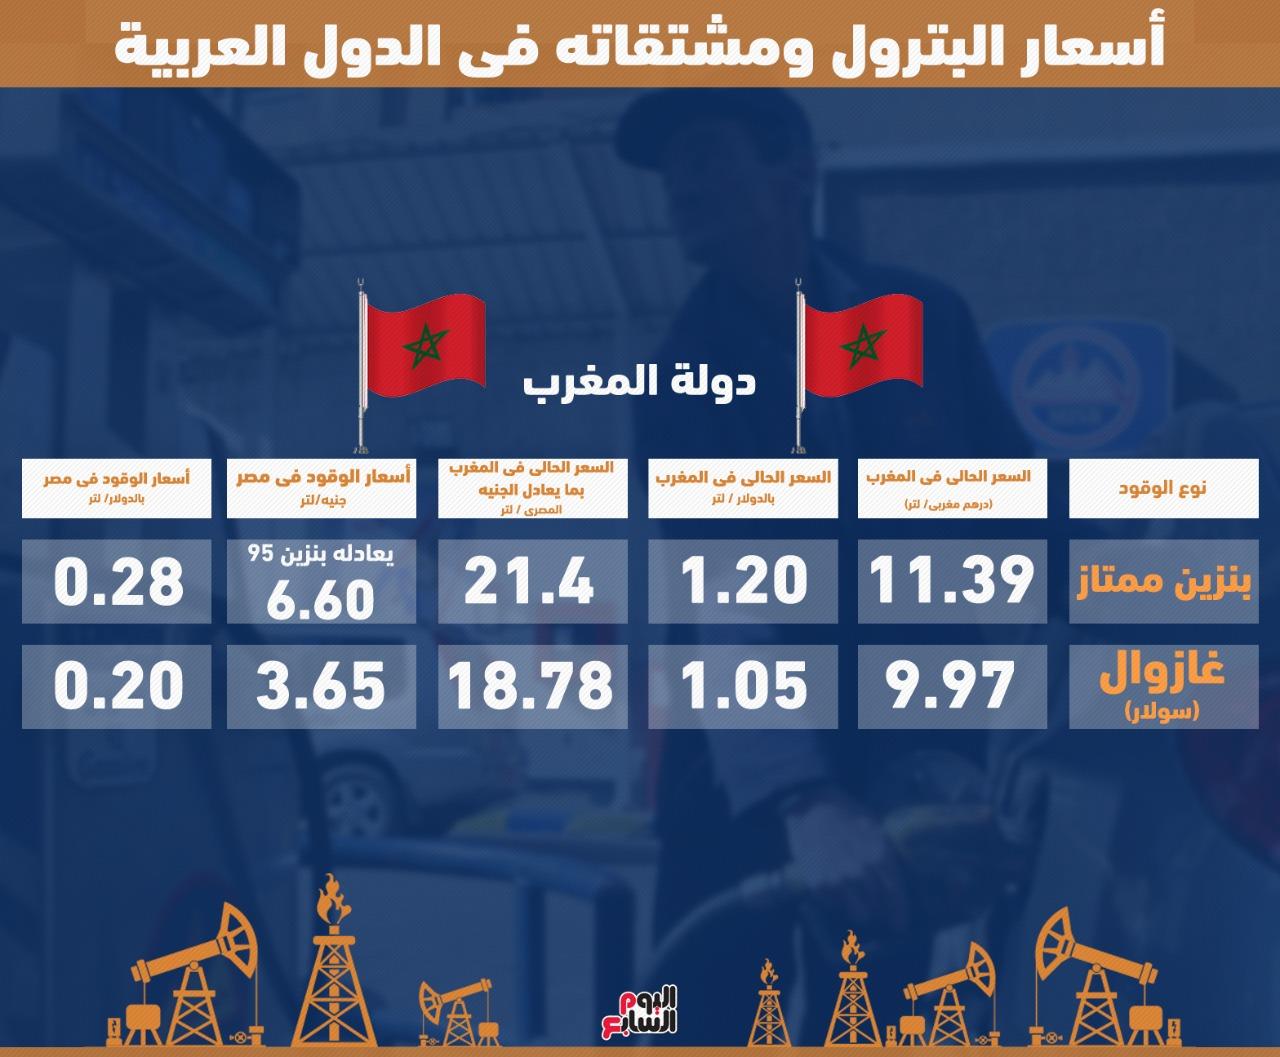 العلامة انخفاض سعر البنزين في مصر اليوم السابع أفضل الصور